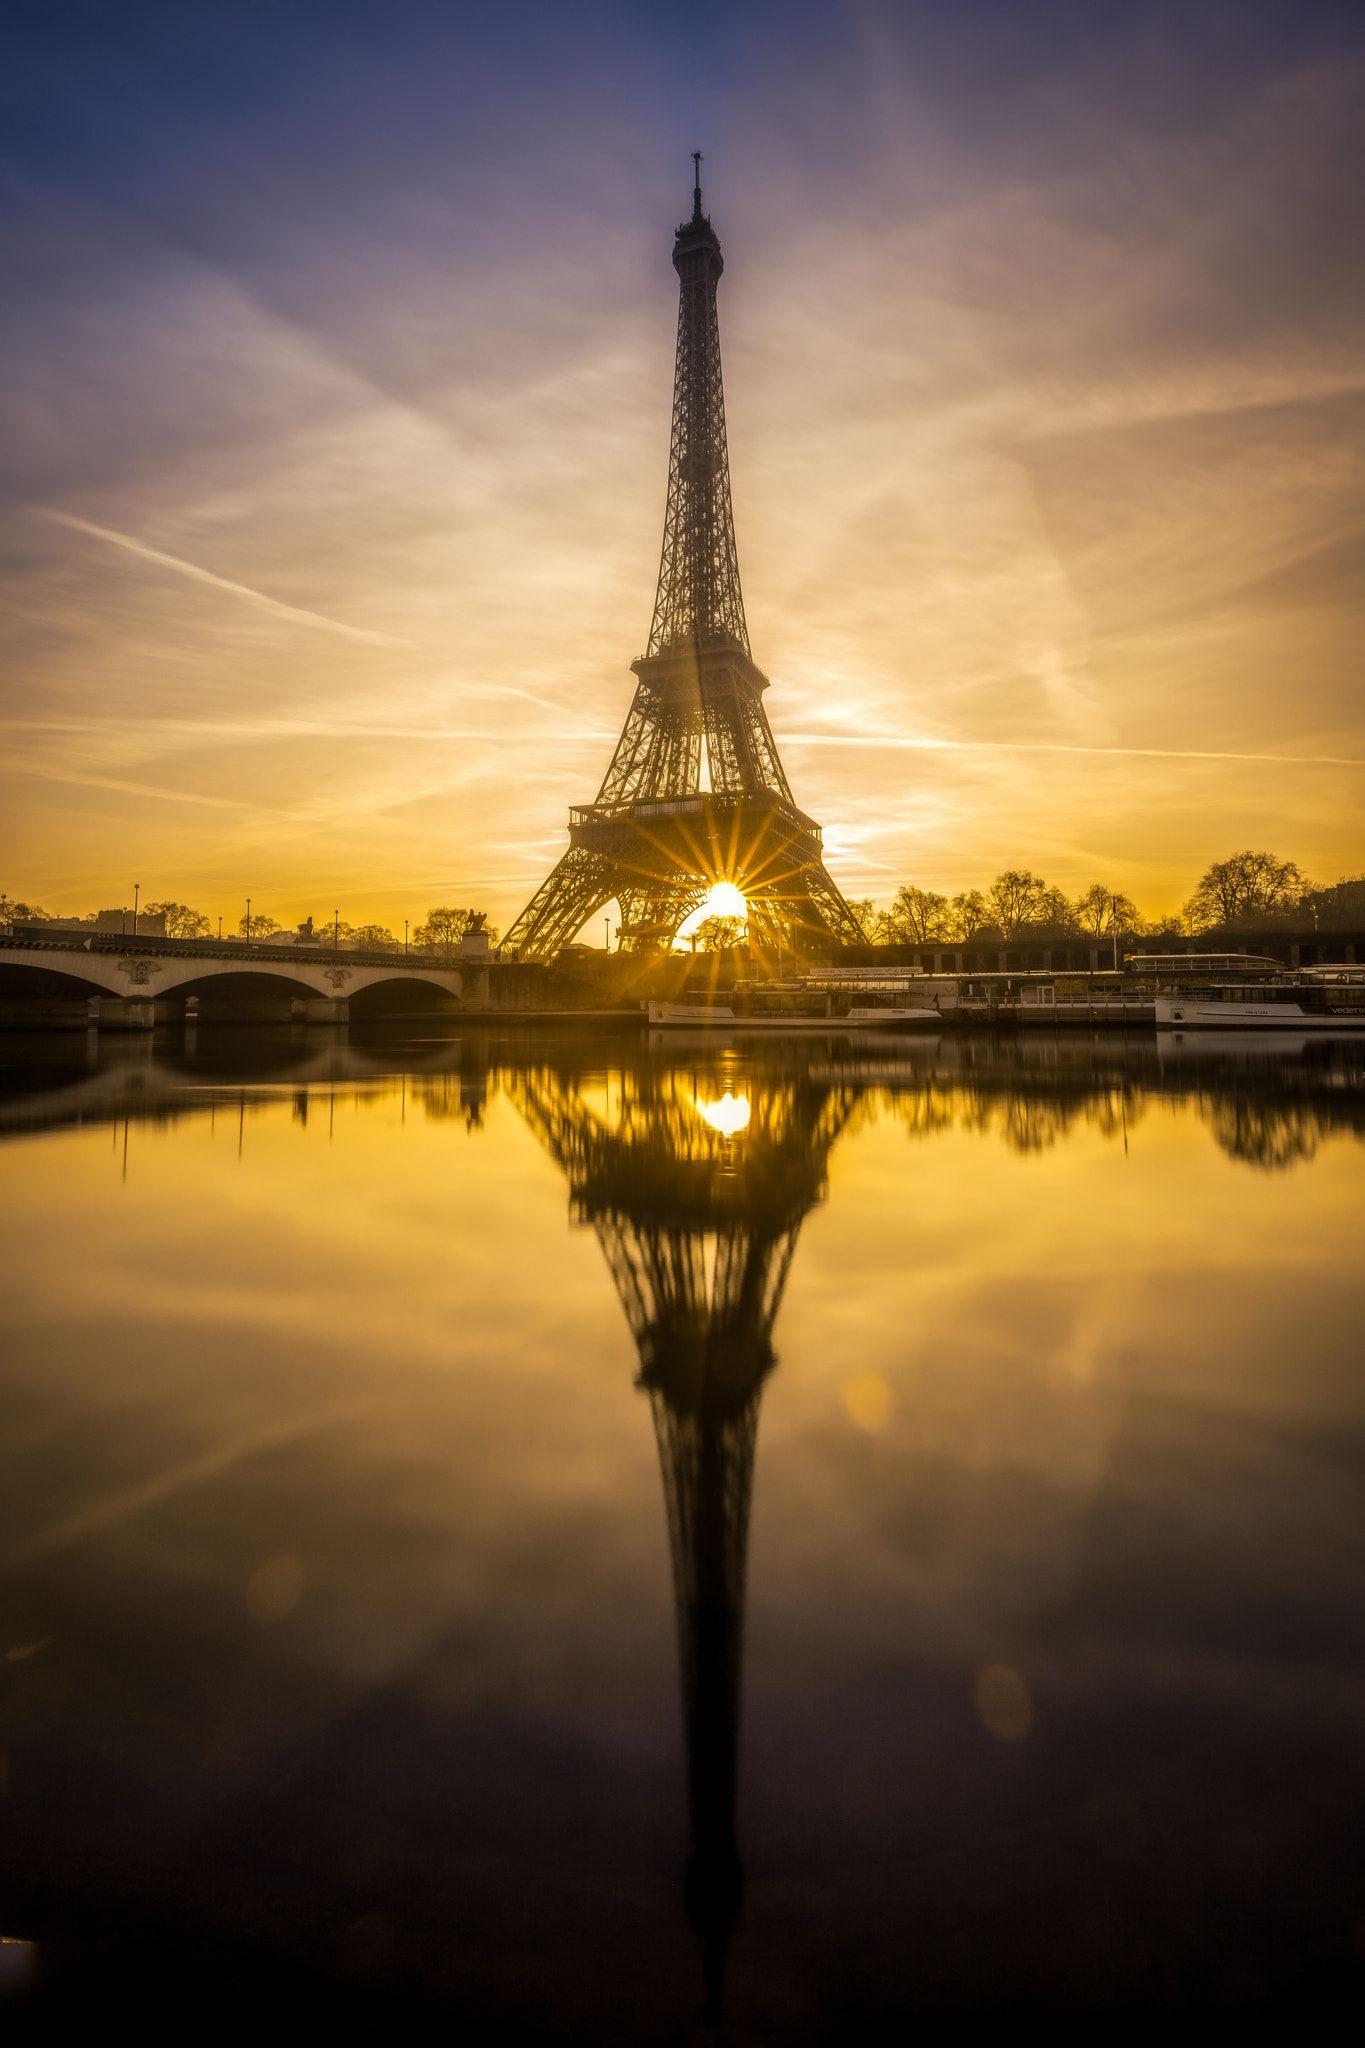 Sunrise on the eiffel tower at paris coucher de soleil sur la tour eiffel paris et mirache - Coucher de soleil sur paris ...